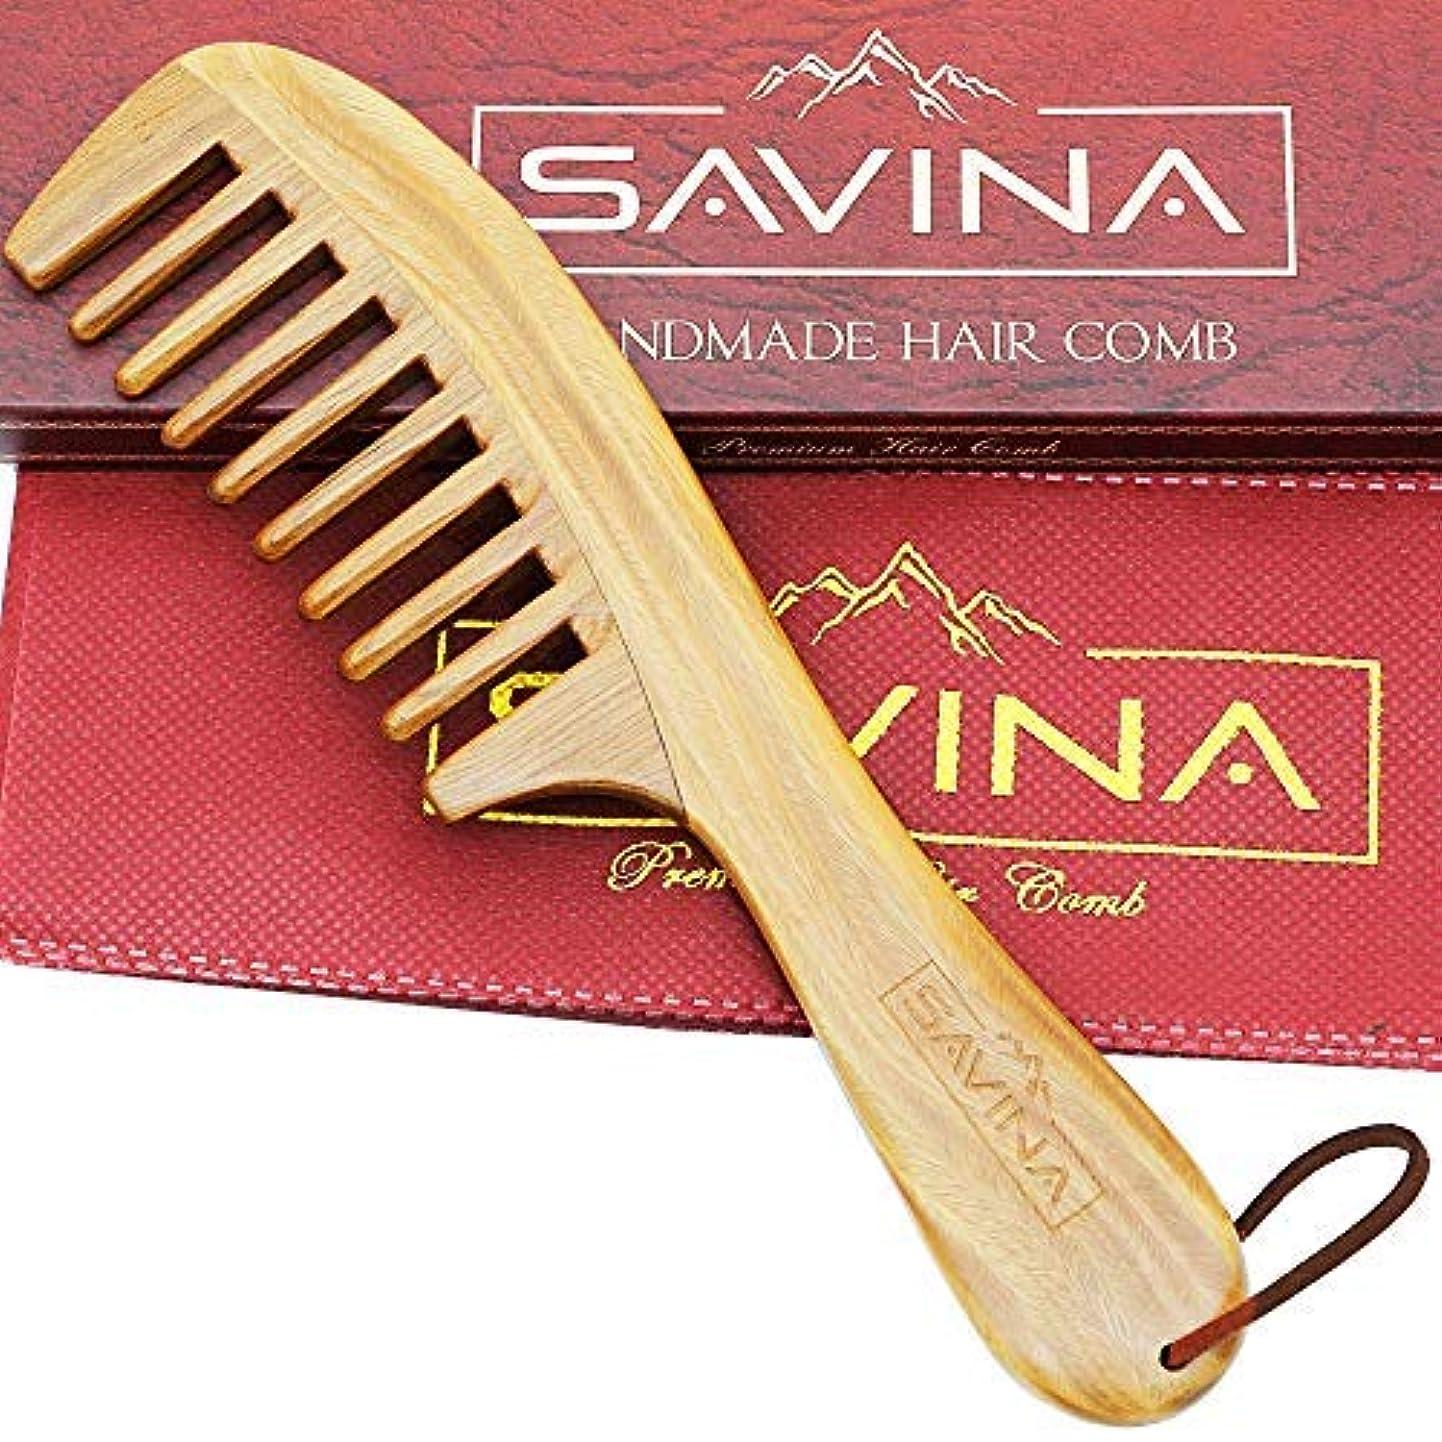 ピア可能性涙が出るWooden Comb - 8.6 inch Wide Tooth Wood Comb for Thick, Curly Hair by Savina - Anti Static, Reduces Breakage & Split Ends - Detangling Comb for Women, Men and Kids [並行輸入品]